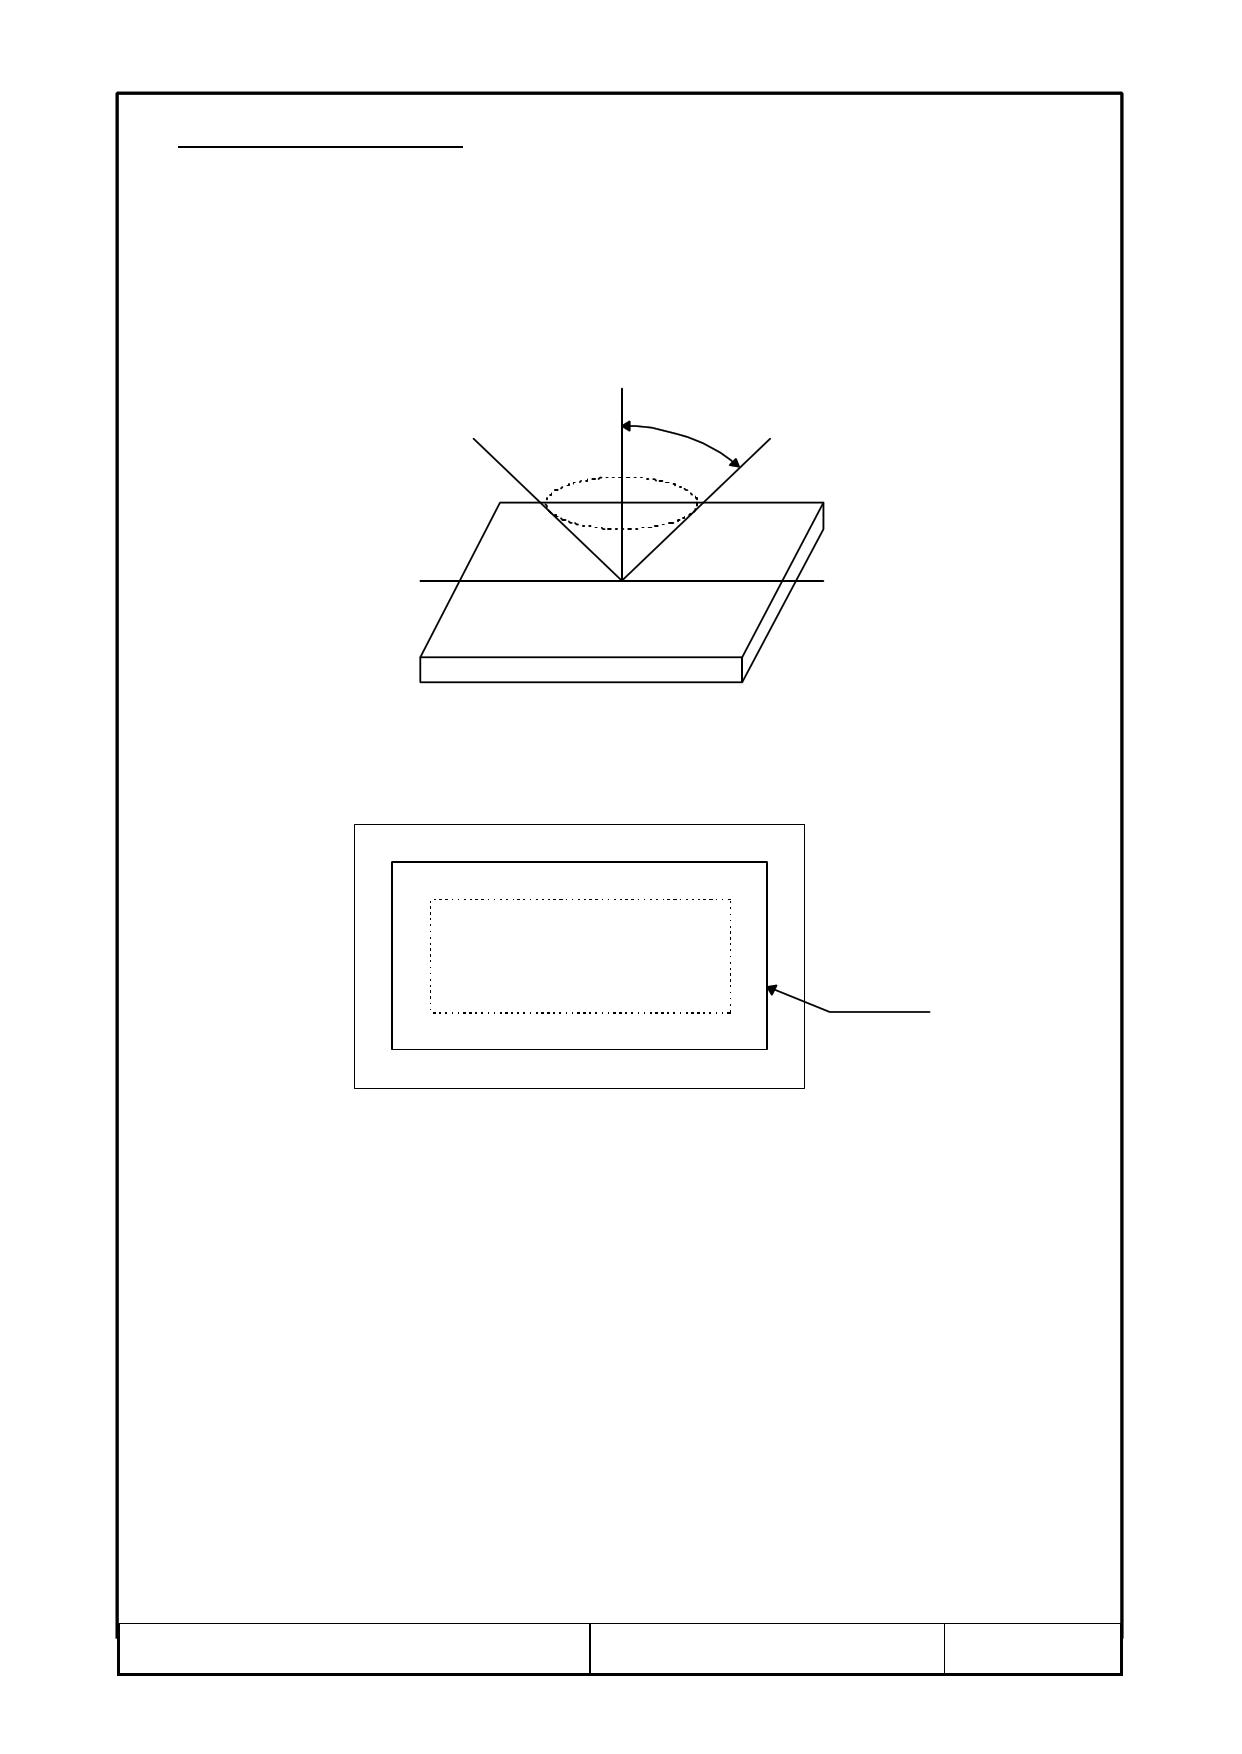 DMC16230NY-LY-BQE-DZ arduino